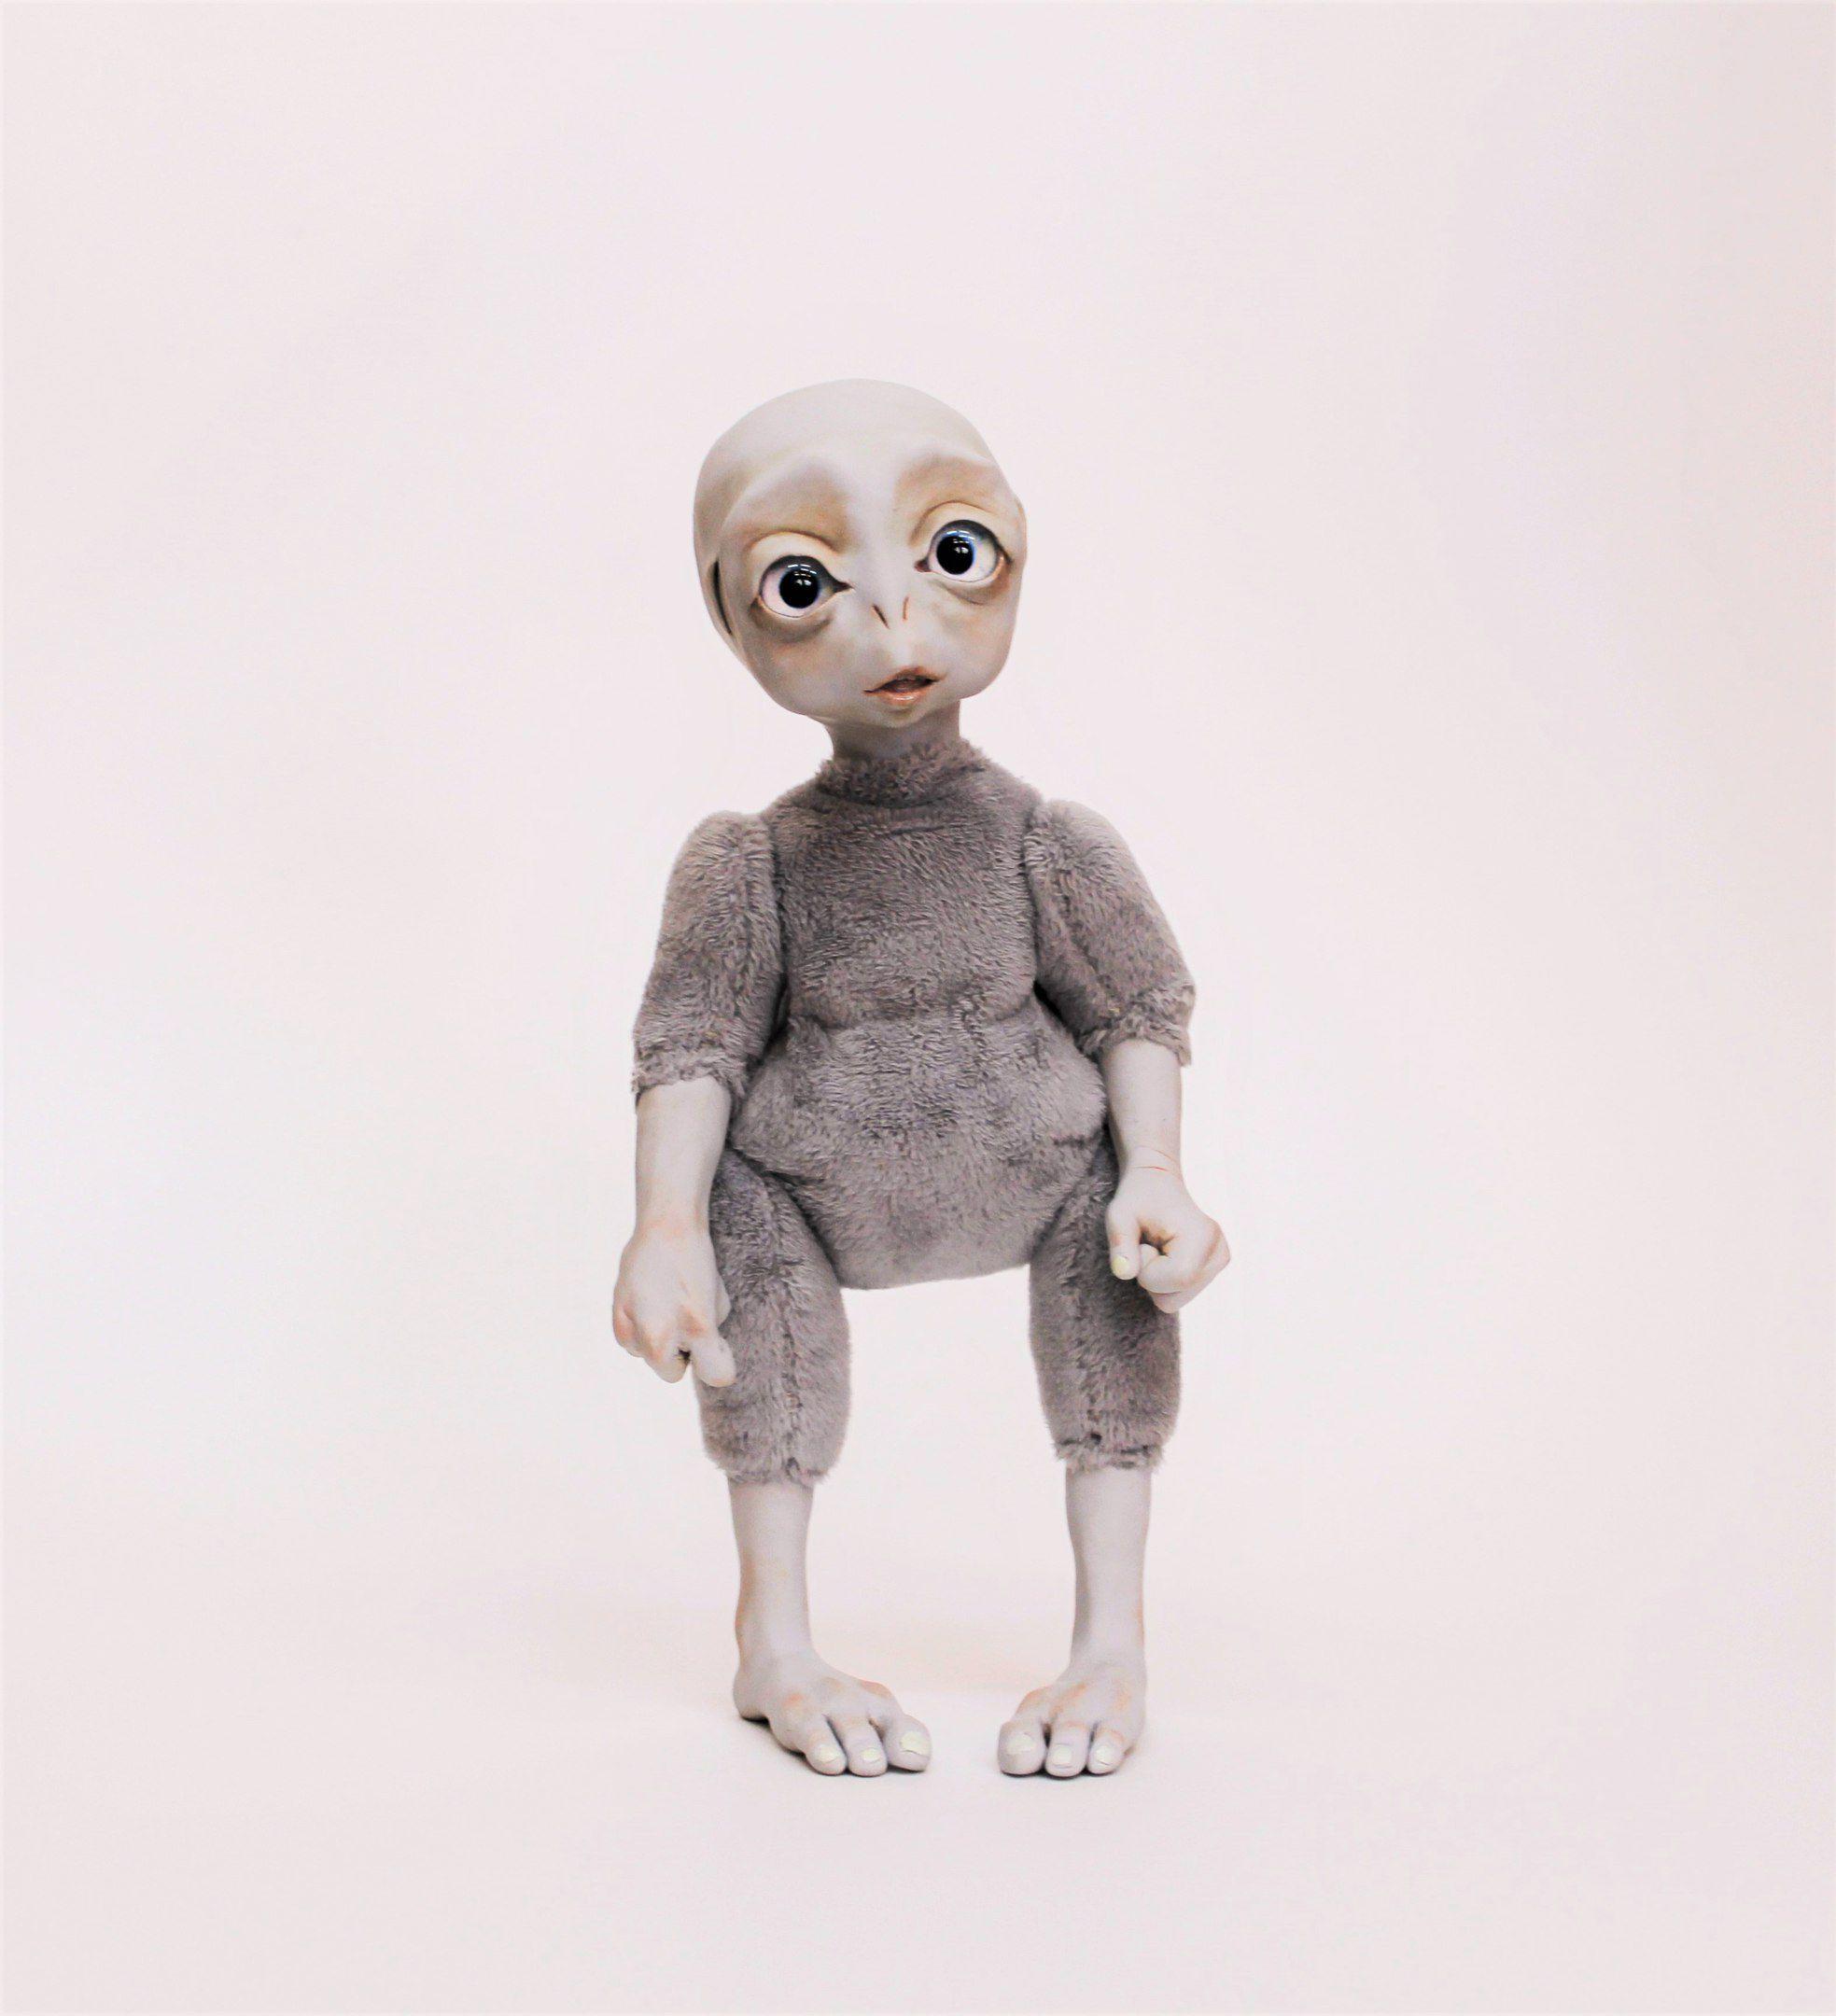 пришелец кукла работа ручная инопланетянин